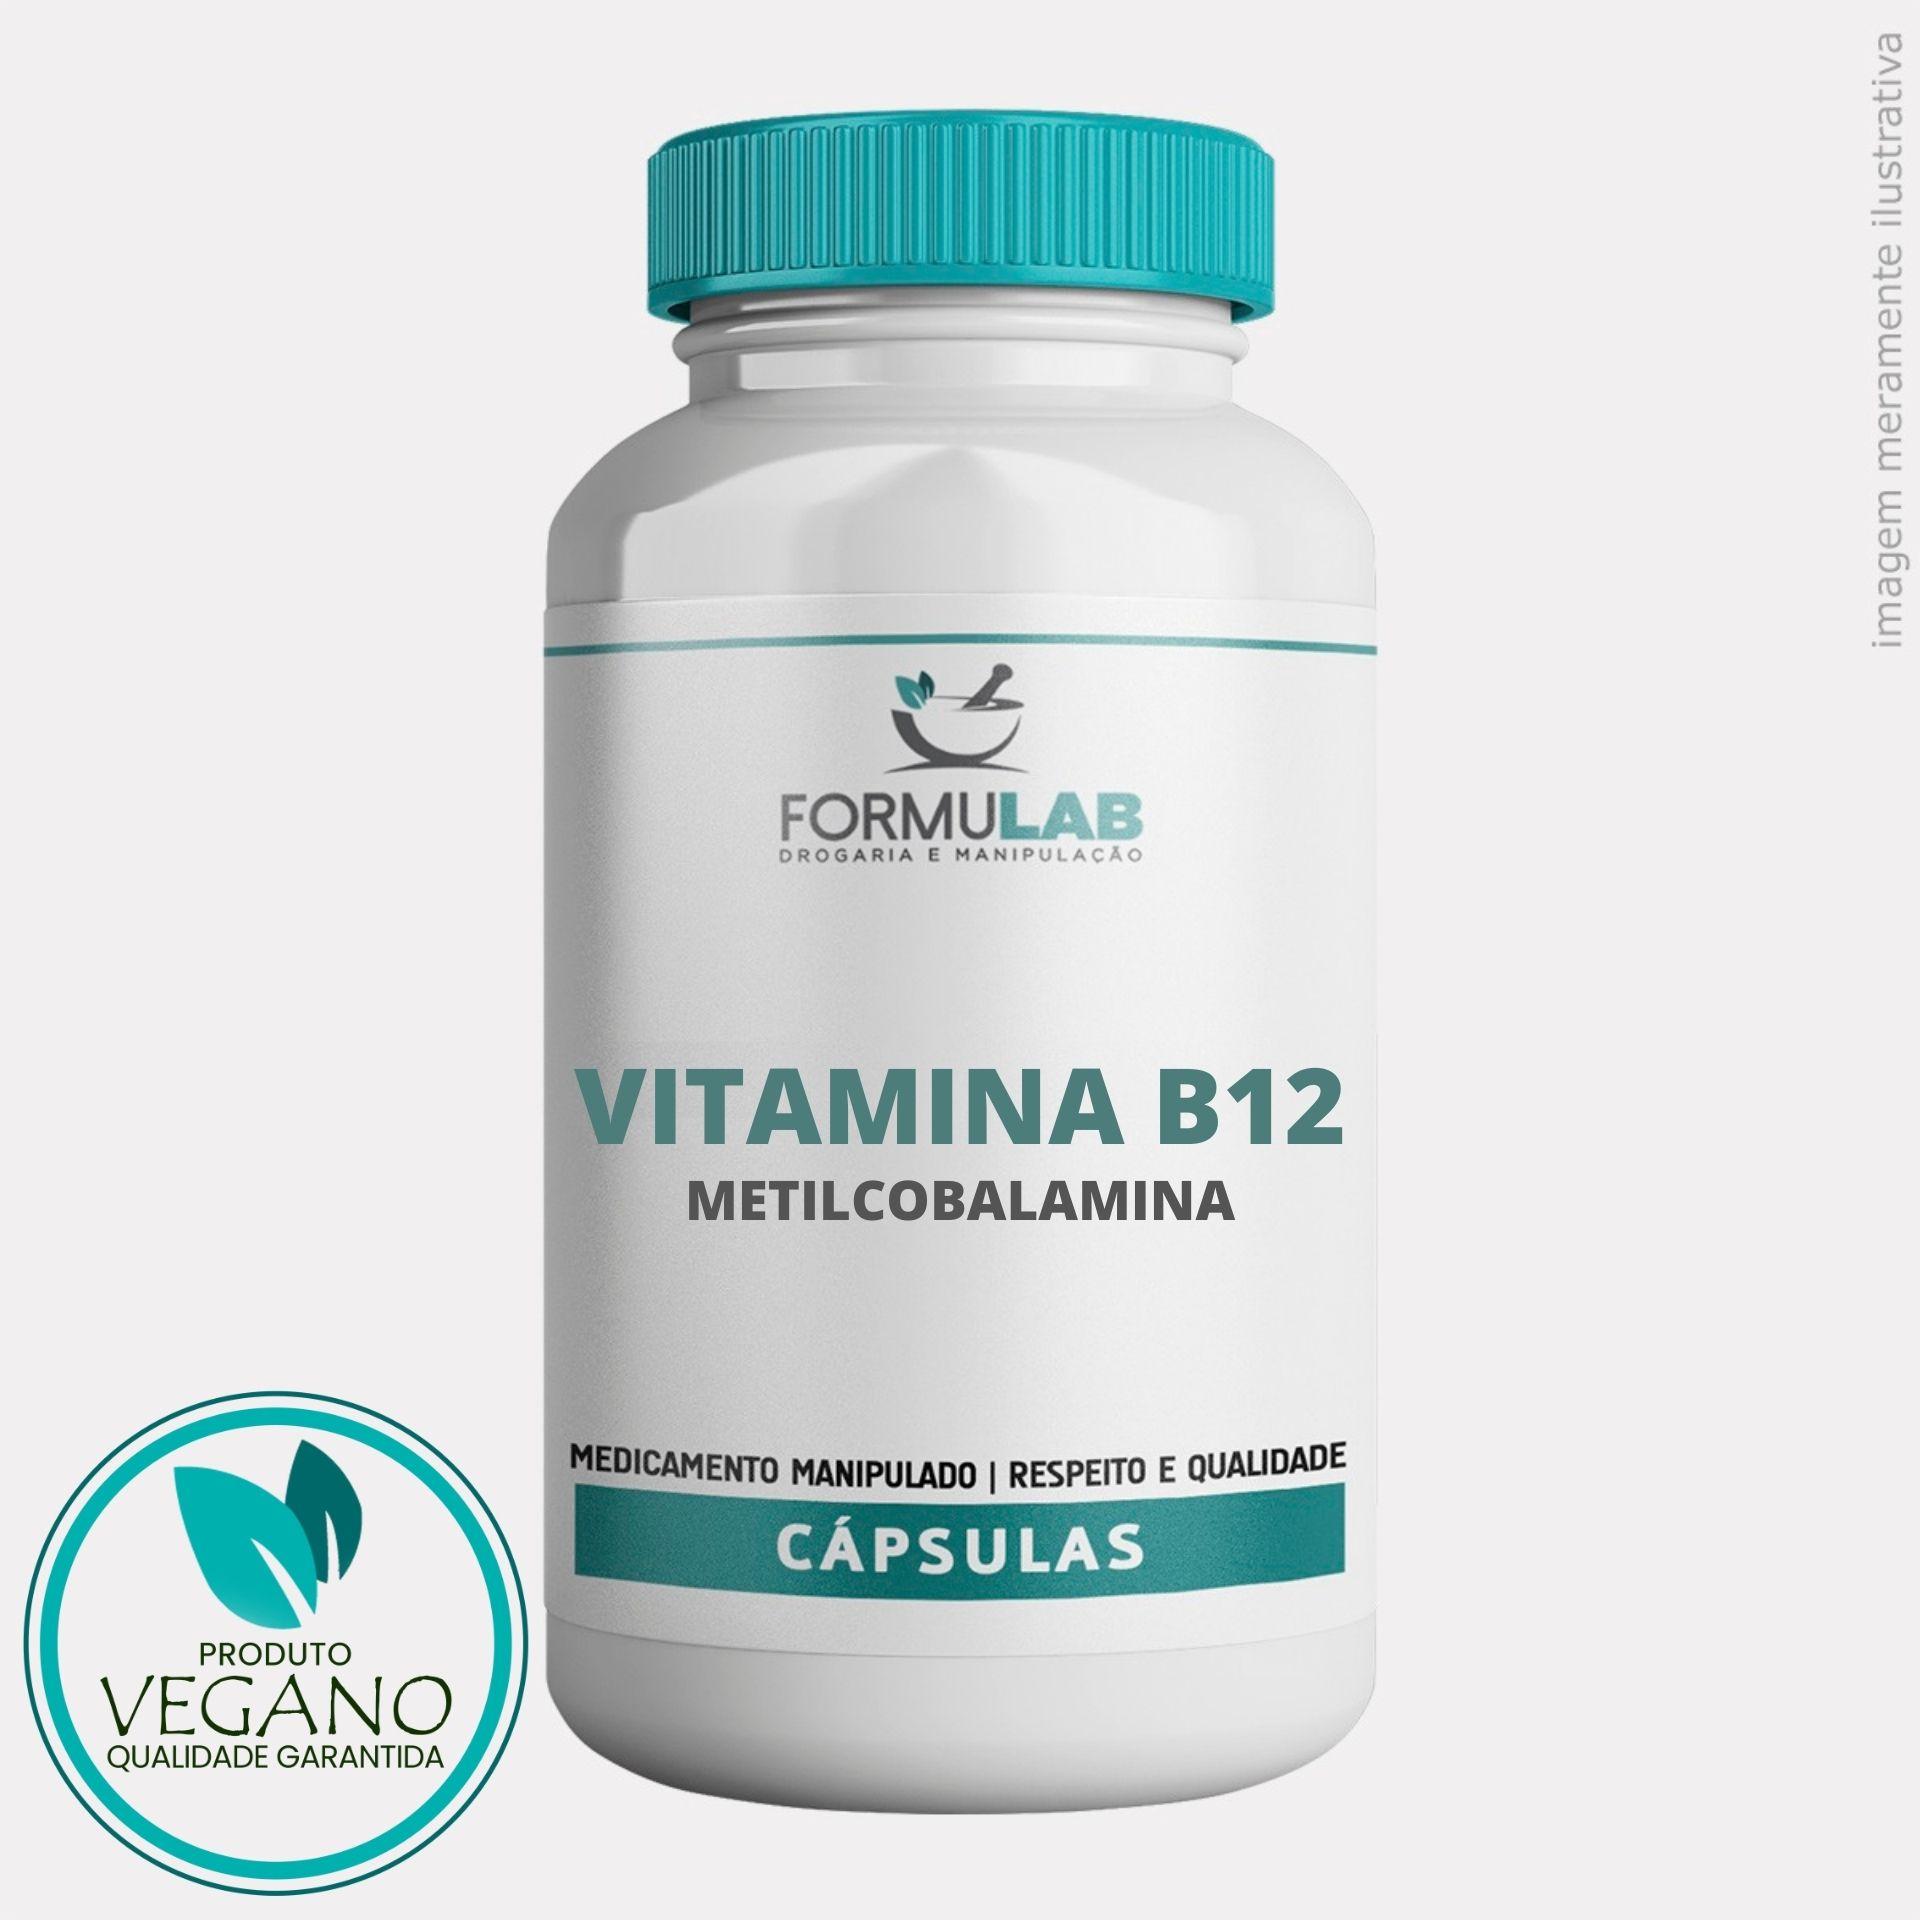 Vitamina B12 500mcg - Metilcobalamina - VEGANA